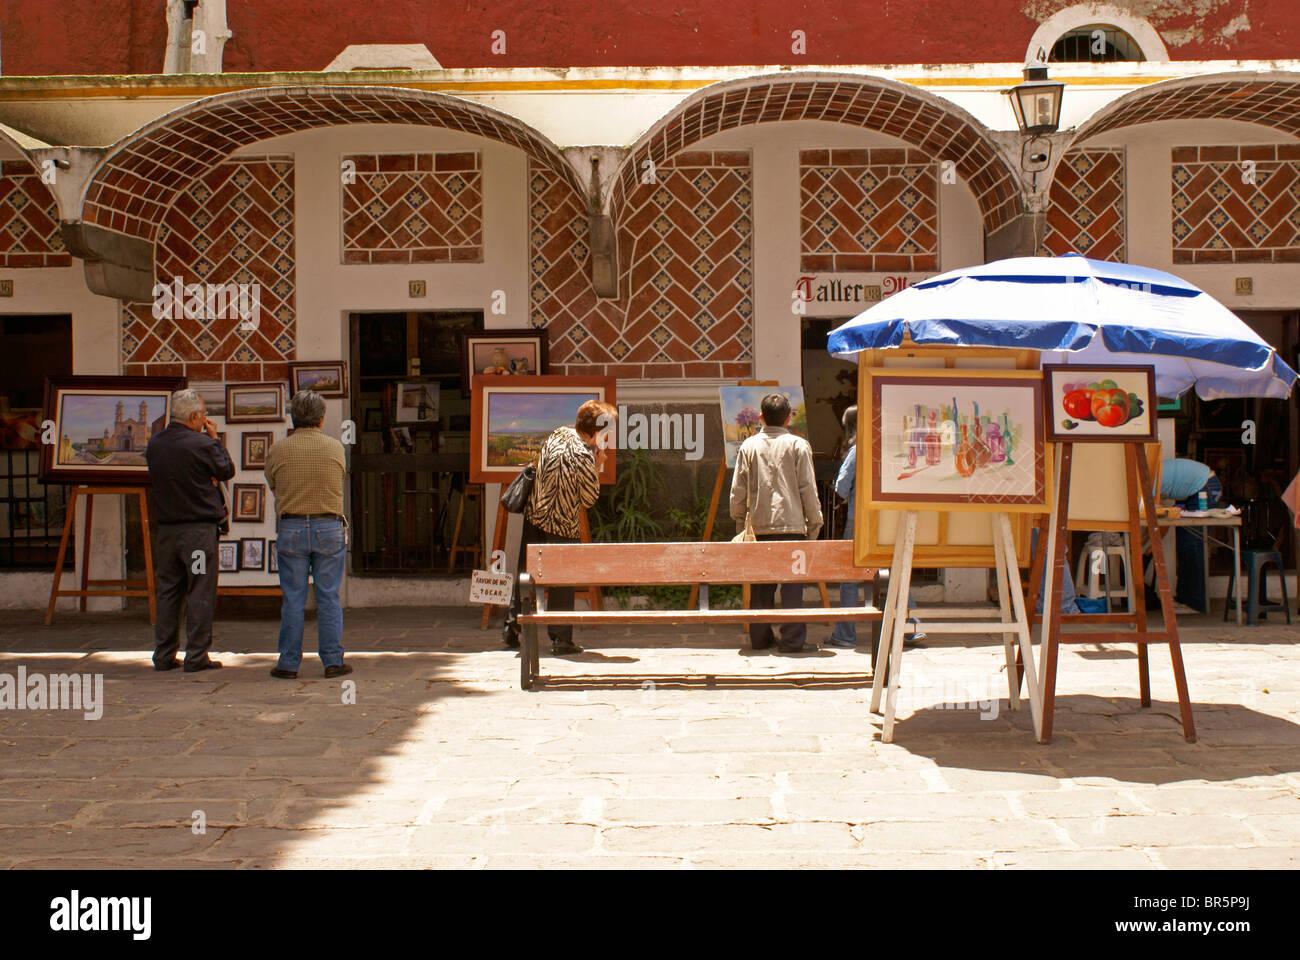 Artisti, persone browsing e dipinti per la vendita nel Barrio del artista o artista trimestre nella città di Immagini Stock